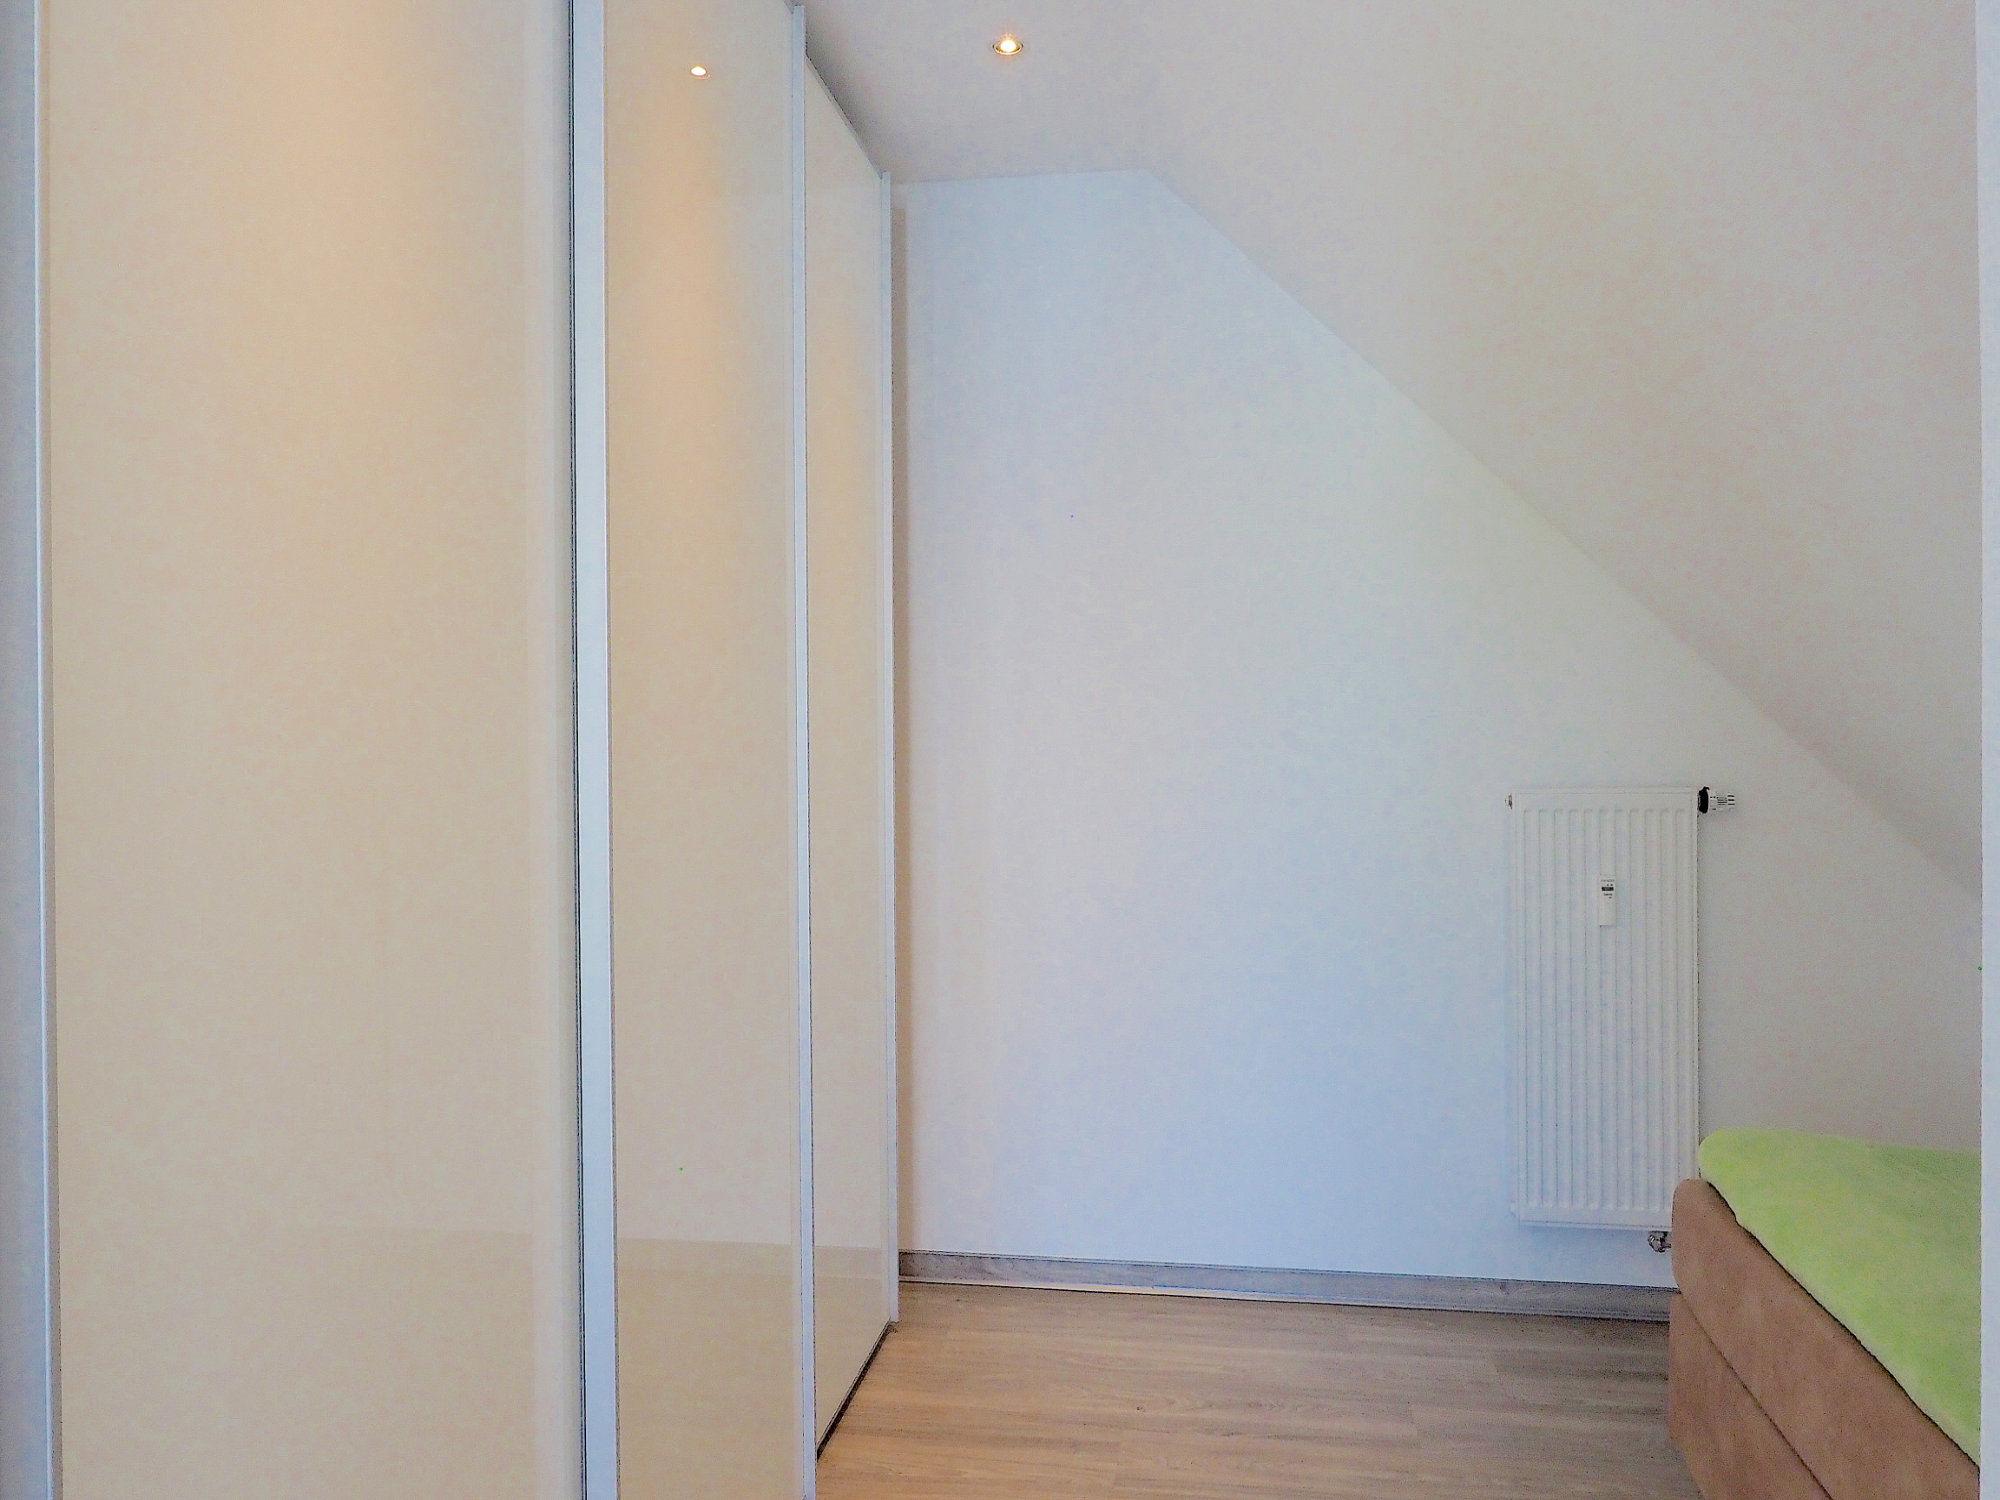 Schlafzimmer mit einem Einzelbett, links davon ein großer Kleiderschrank